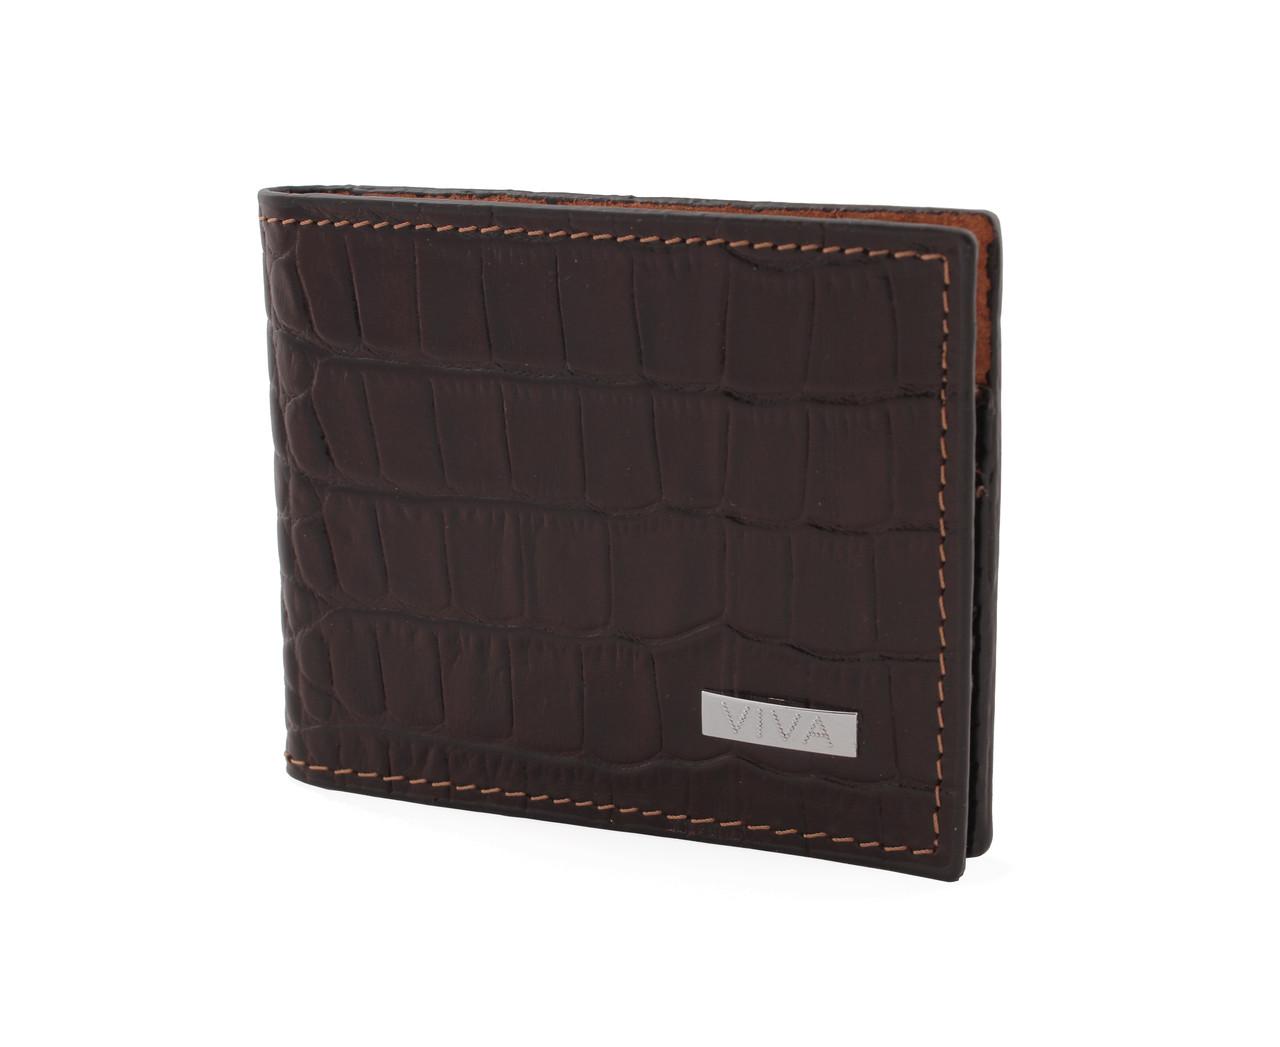 7d3387aa9799 Мужской кожаный кошелек VIVA, тонкий, темно-коричневый крокодил - Модная  одежда, обувь